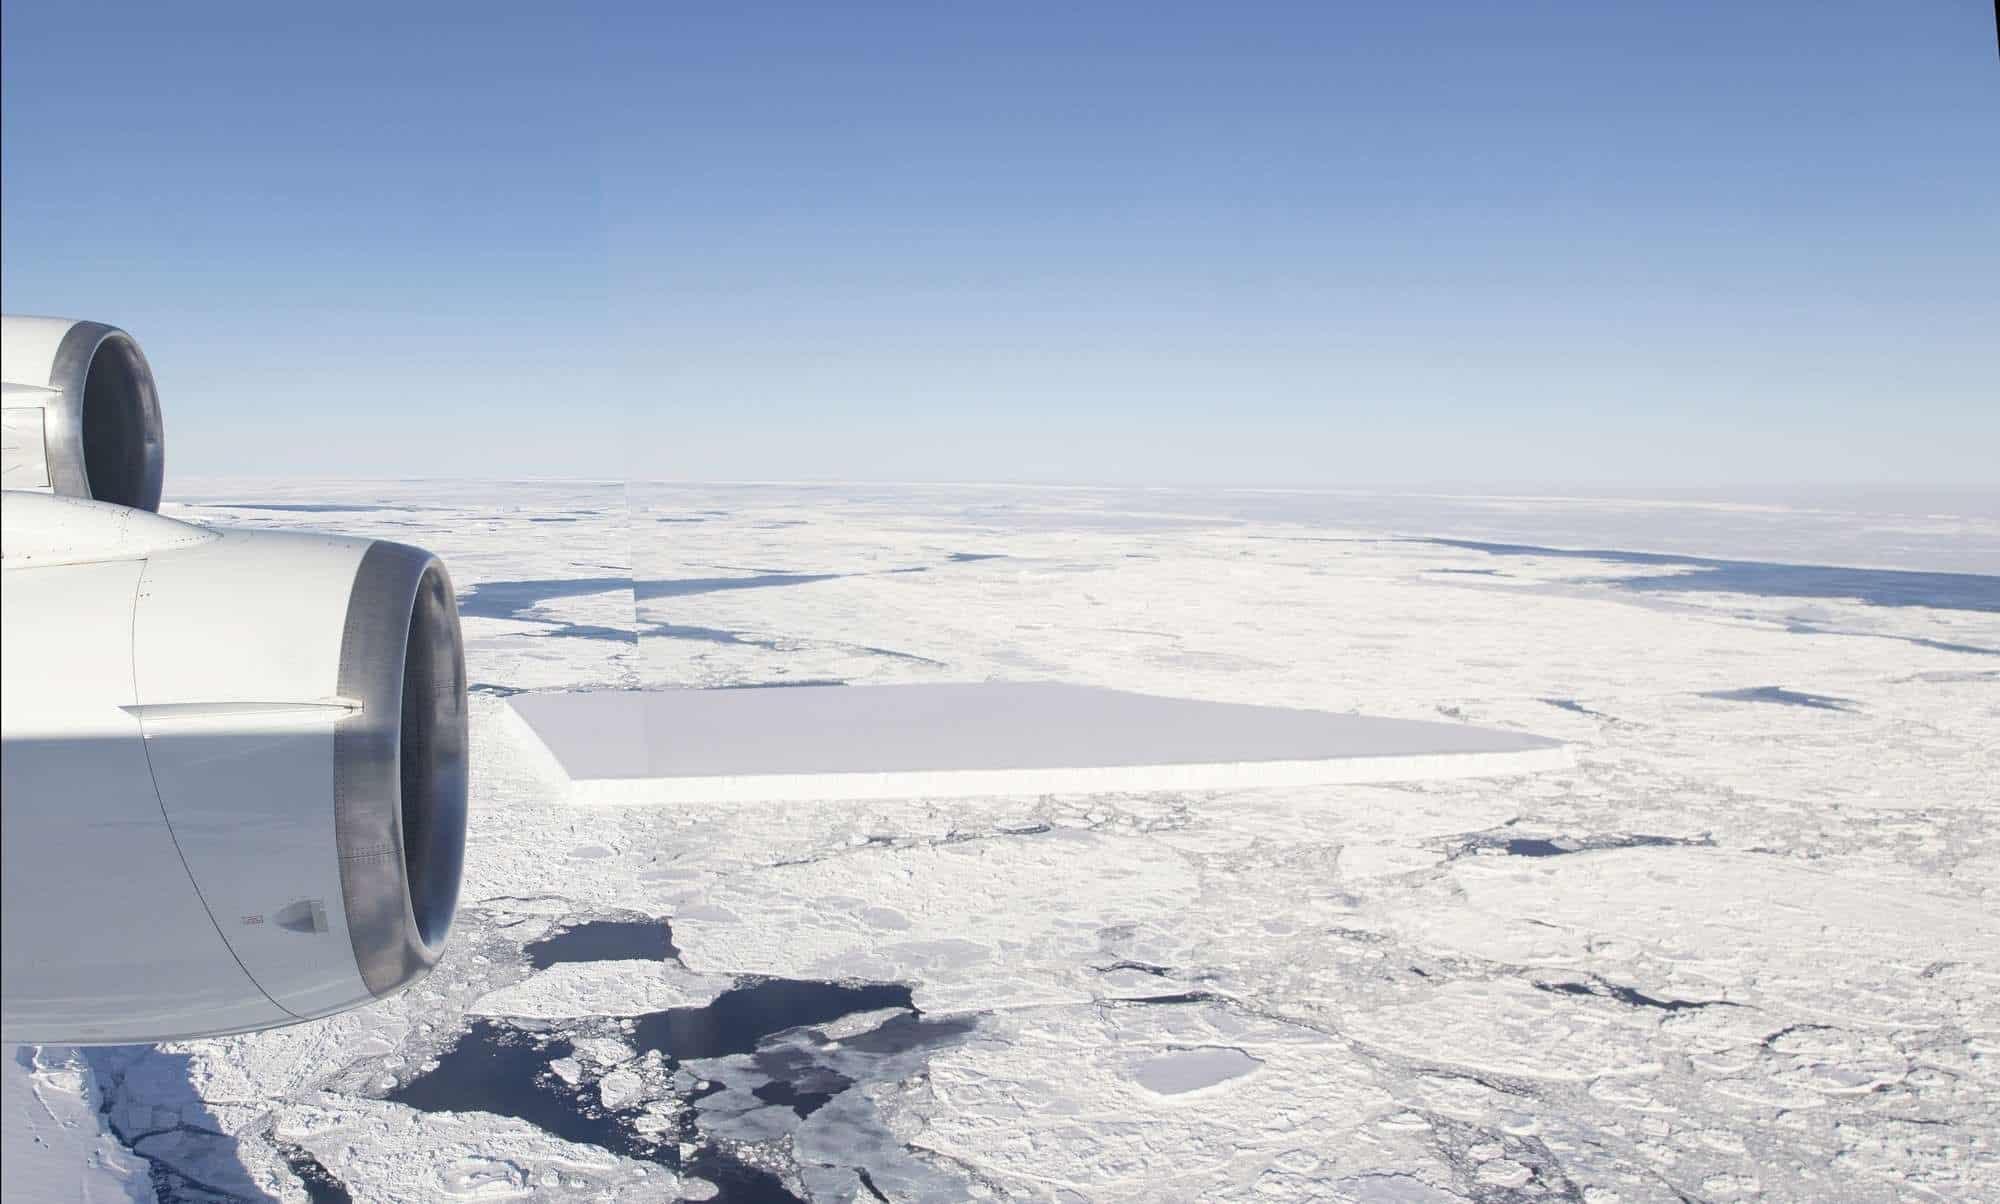 ميجابيكسلز: انظر إلى الشكل الهندسي المنتظم لهذا الجبل الجليدي واشعر بهدوء روحي فريد!